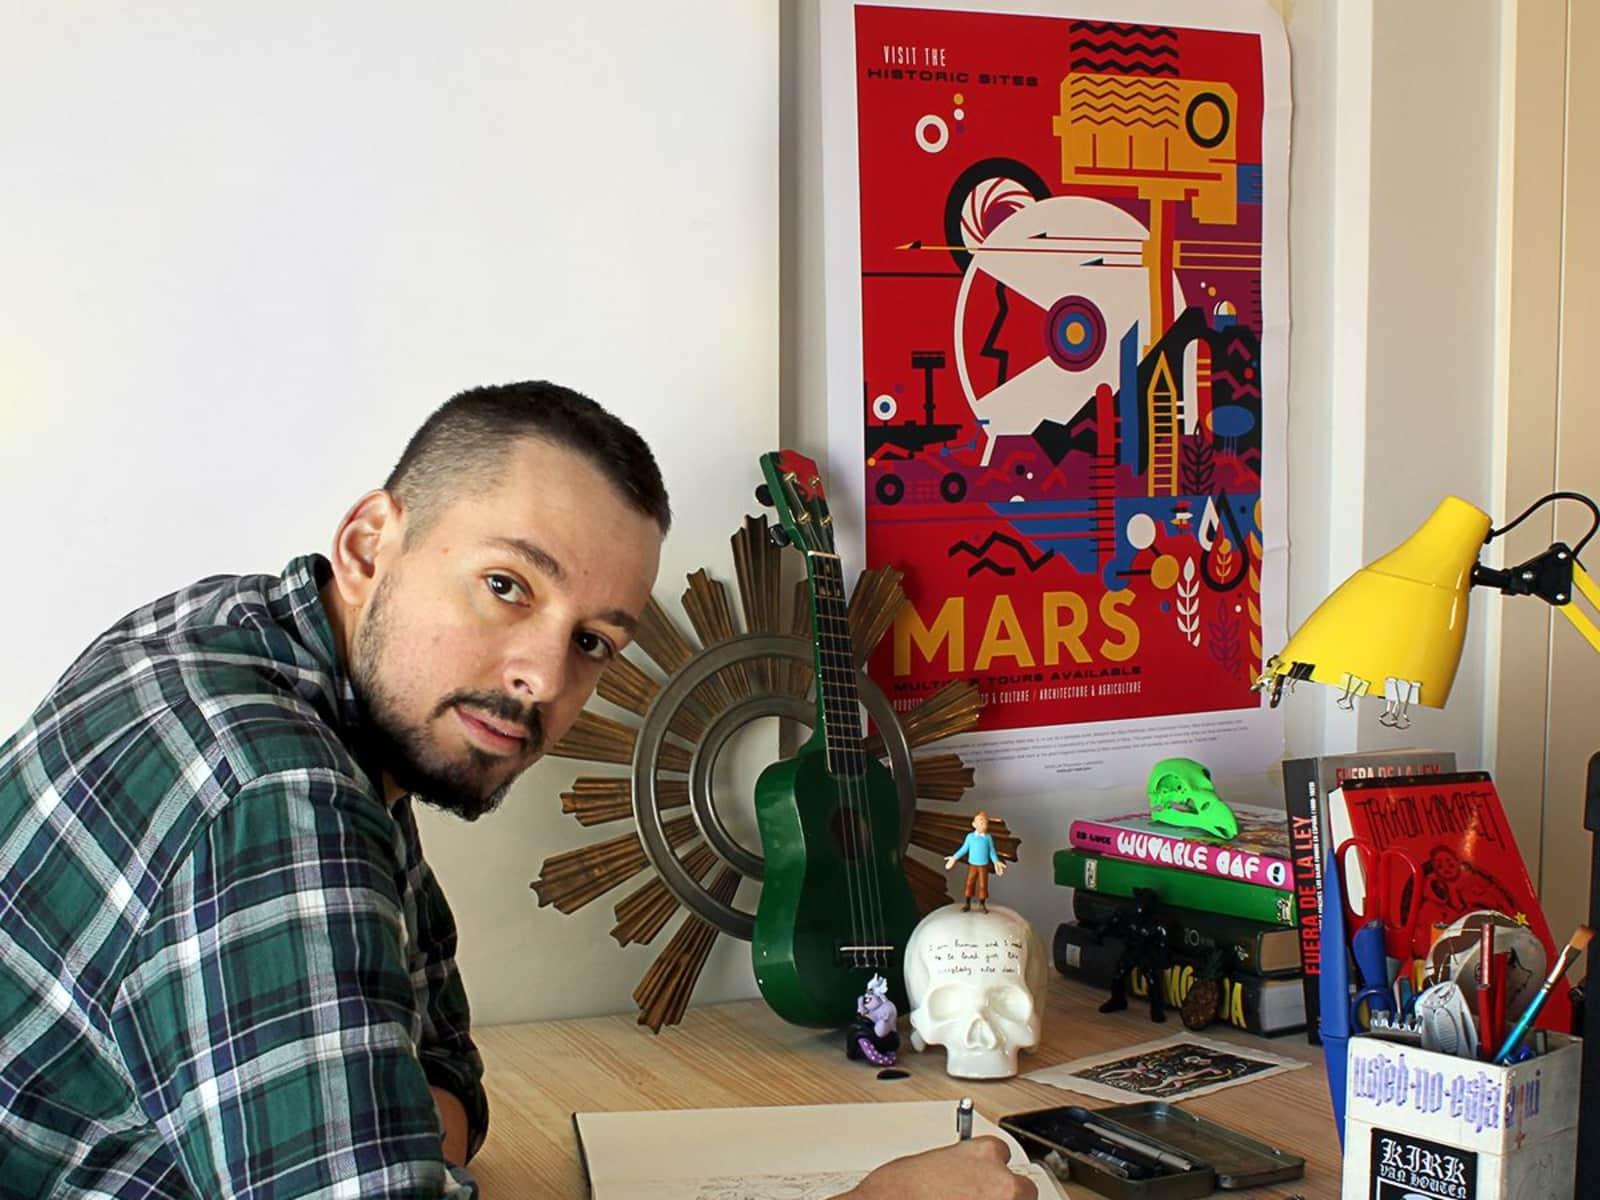 Gonzalo from Berlin, Germany